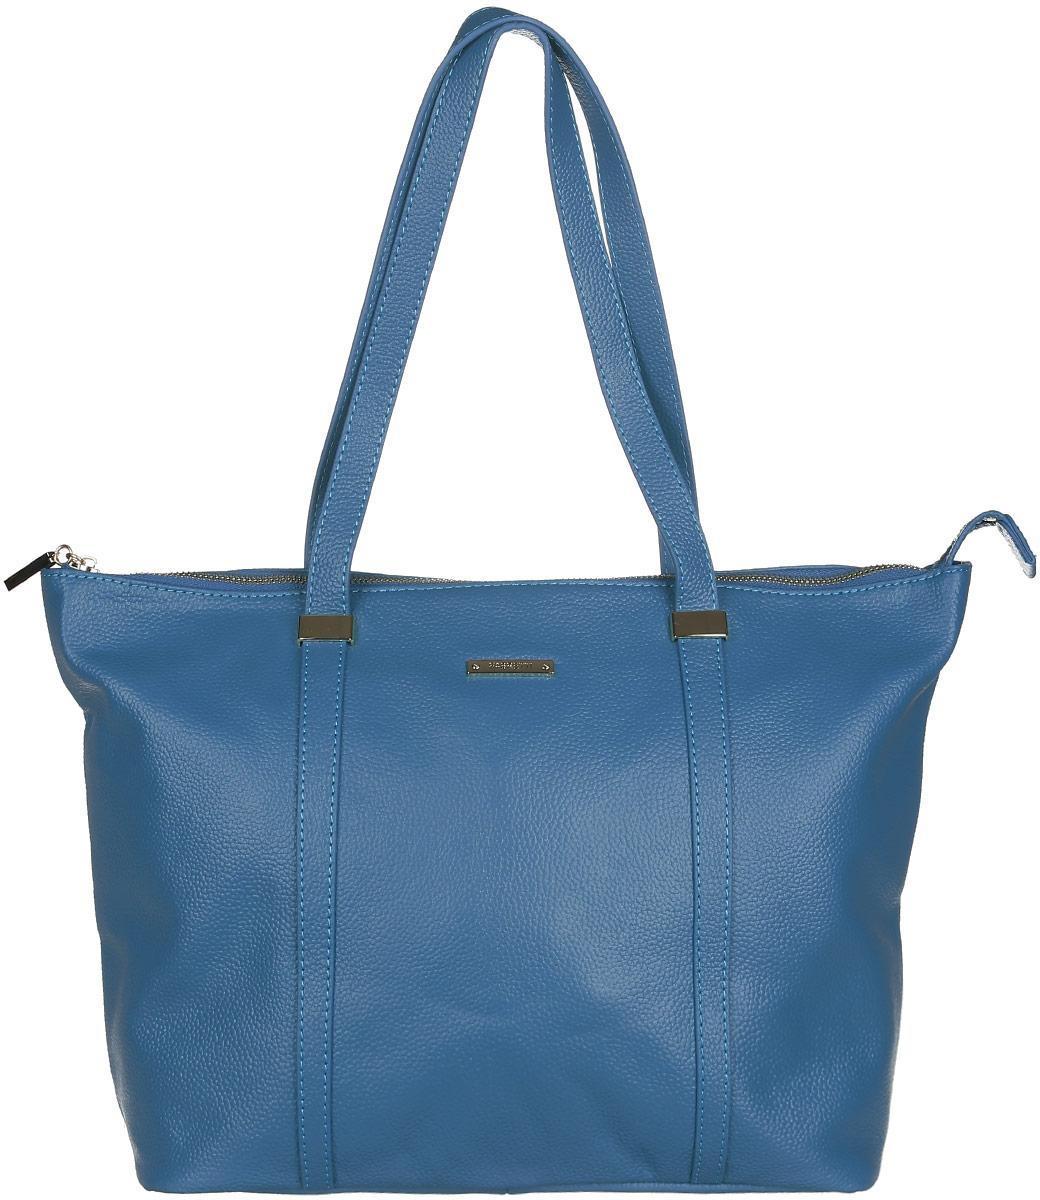 Сумка женская Fabretti, цвет: голубой. N2553N2553-blueСтильная и вместительная женская сумка Fabretti изготовлена из натуральной кожи зернистой фактуры и оформлена логотипом бренда. Изделие состоит из одного основного отделения и застёгивается на металлическую застежку-молнию. Отделение содержит карман-средник на молнии, два врезных кармана на молниях и два нашивных кармашка для телефона и мелочей. На задней стенке предусмотрен врезной карман на молнии. Изделие оснащено двумя удобными ручками, высота которых позволяет носить сумку на сгибе руки или на плече. Дно сумки дополнено металлическими ножками. Прилагается фирменный текстильный чехол для хранения изделия. Сумка Fabretti внесет элегантные нотки в ваш образ и подчеркнет ваше отменное чувство стиля.